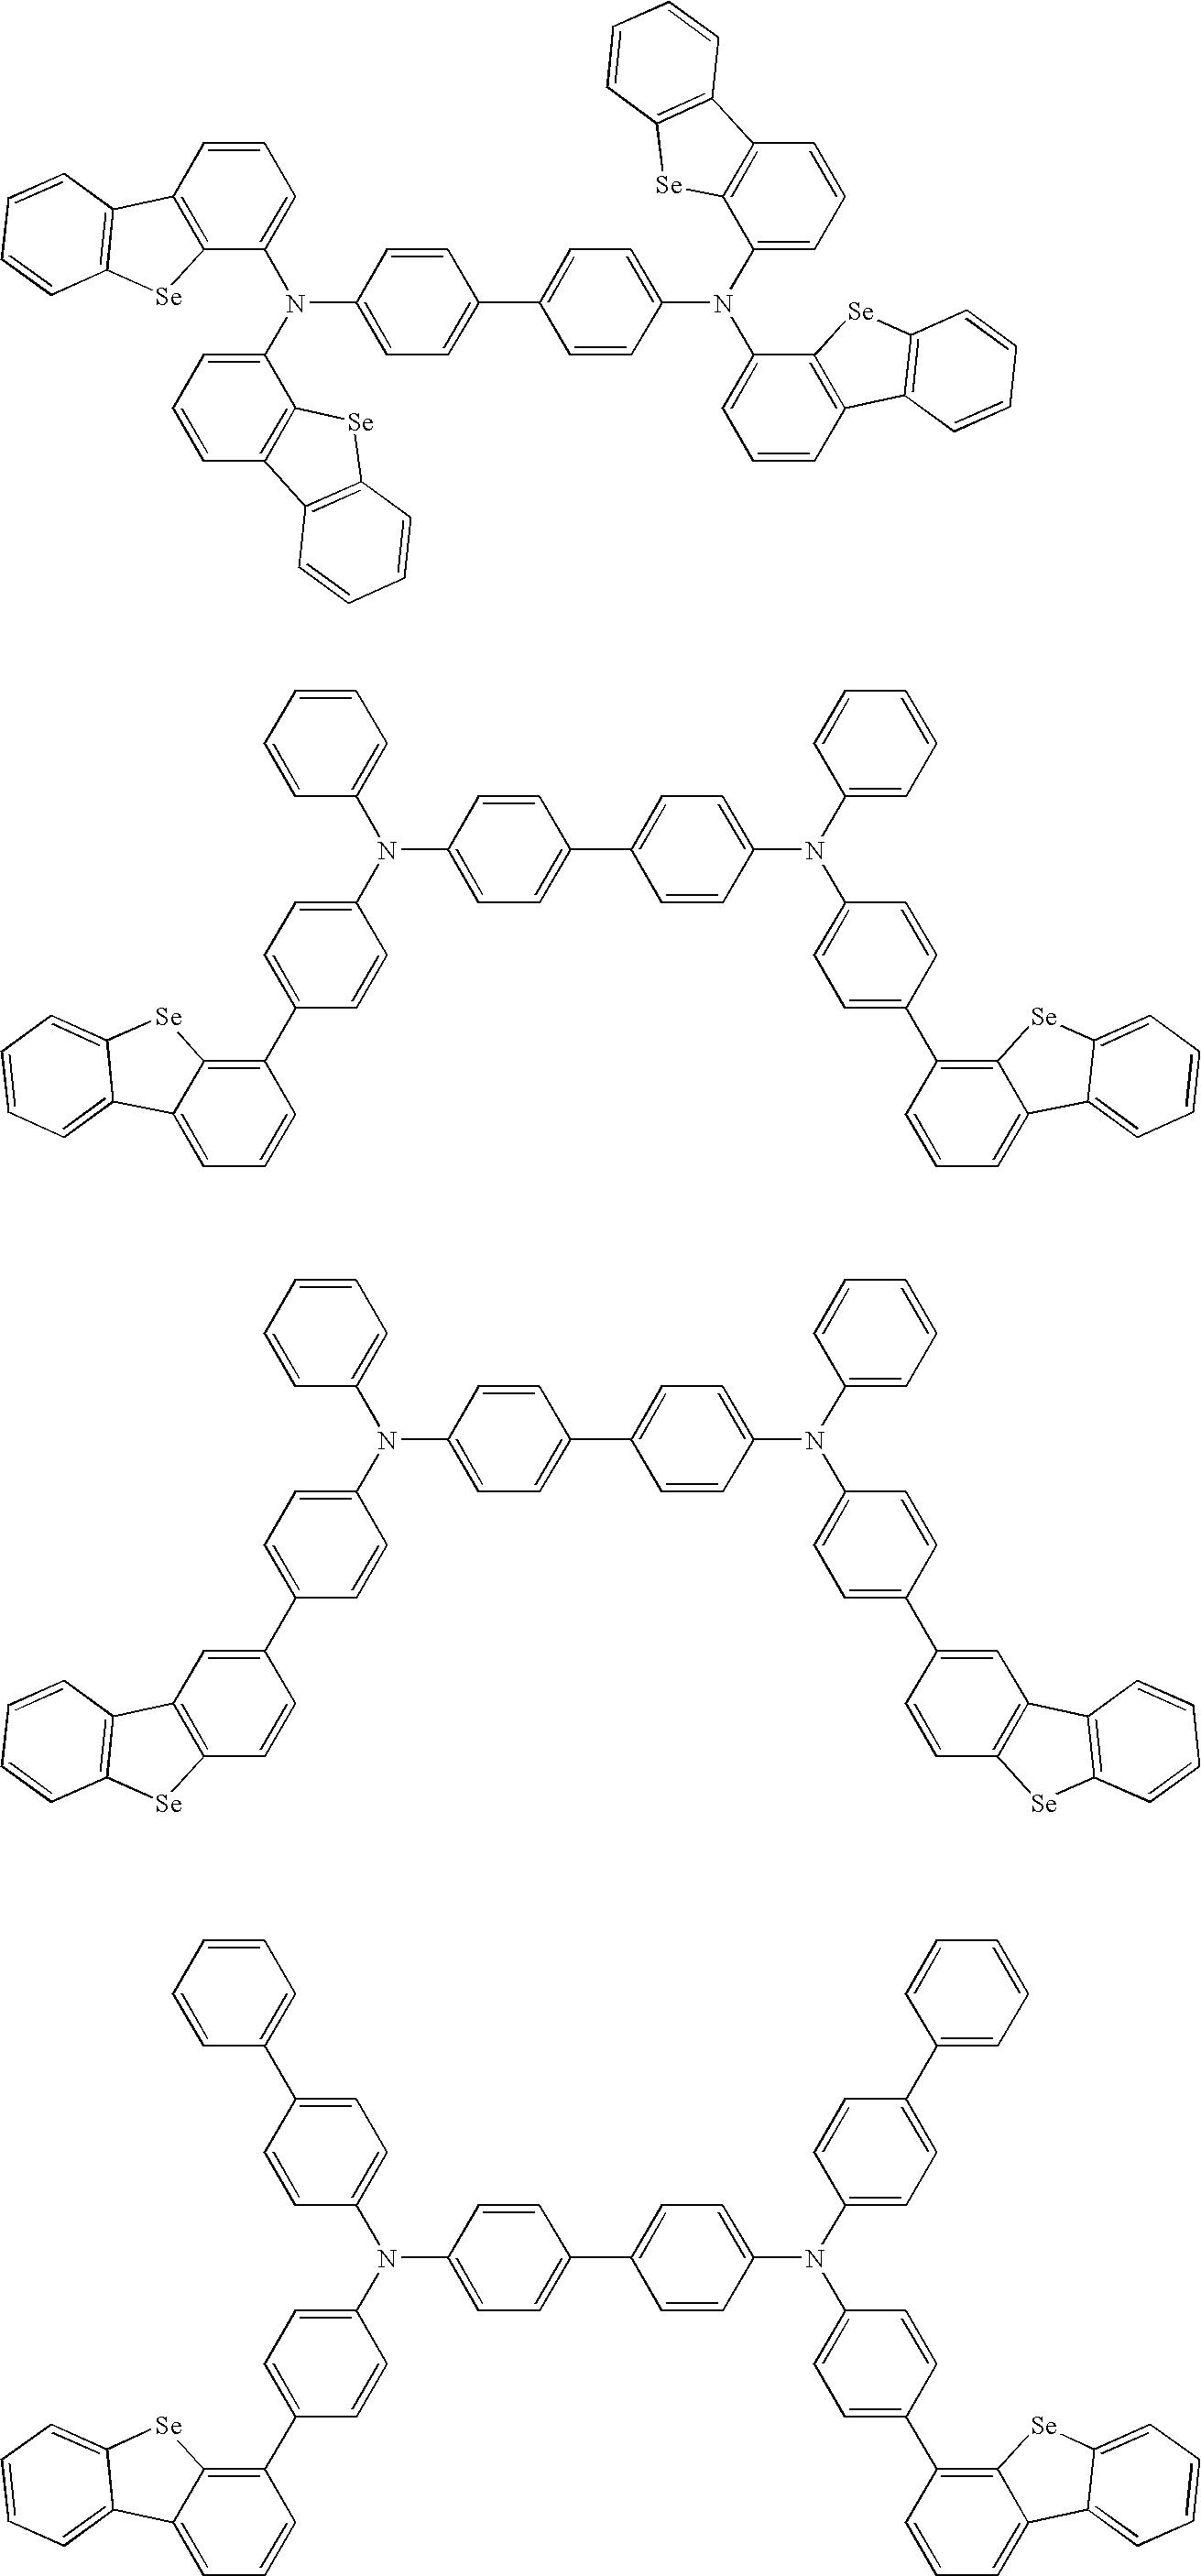 Figure US20100072887A1-20100325-C00013